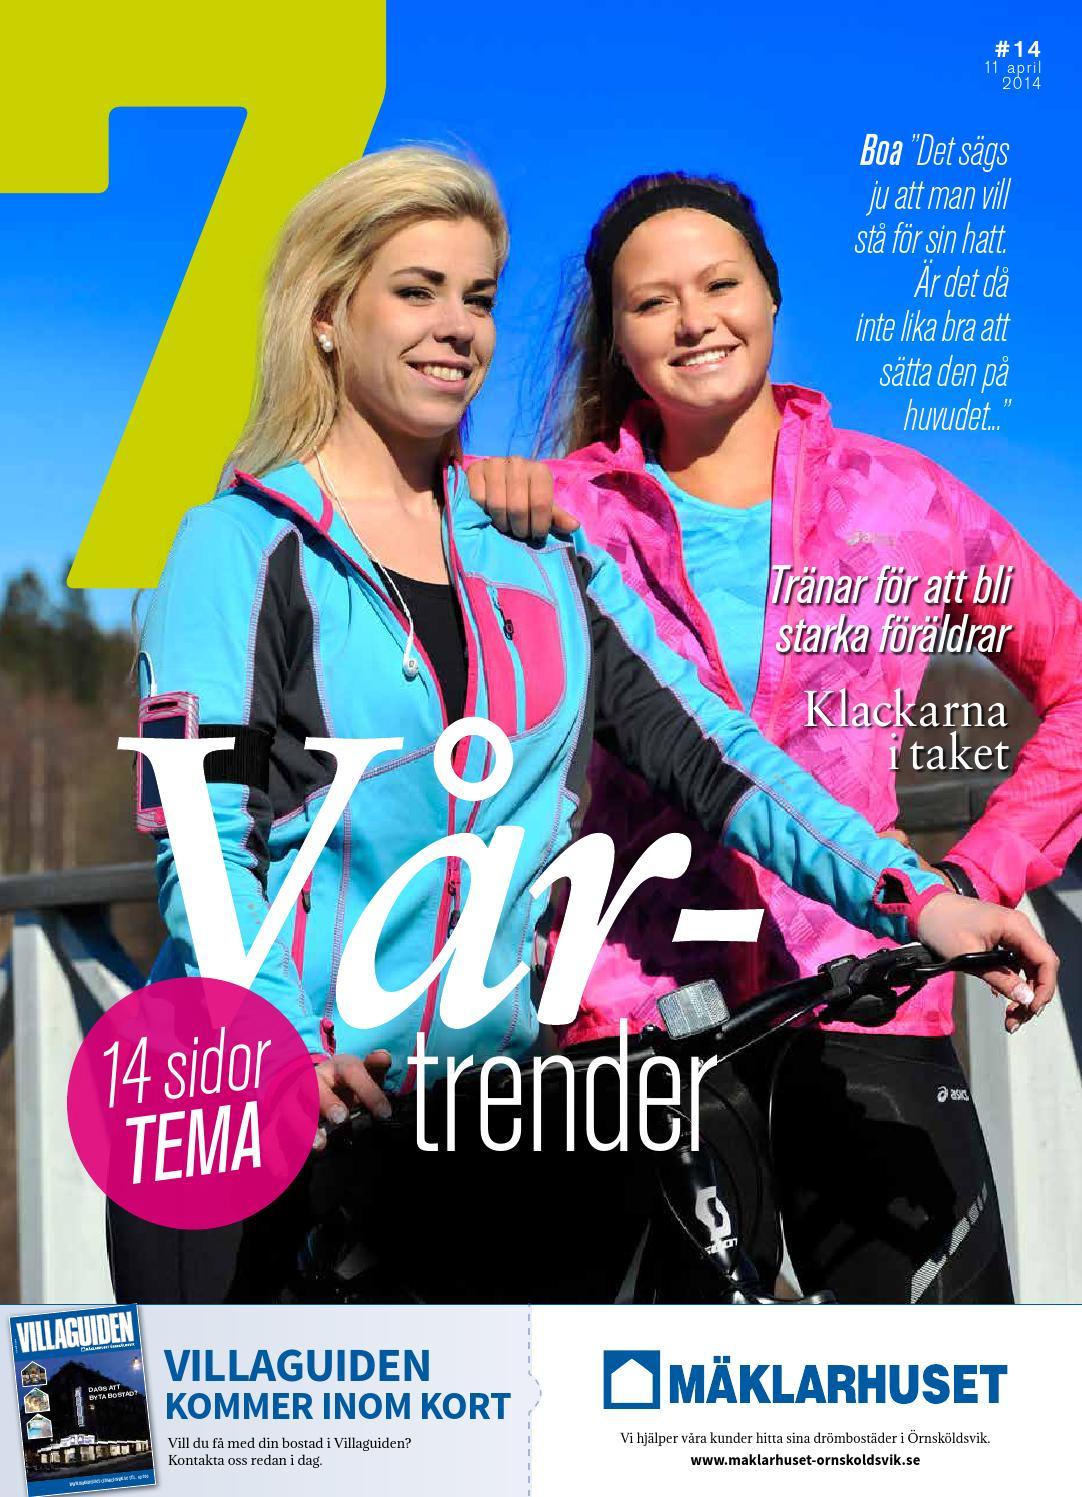 Tidningen 7 nr 14 2014 by 7an Mediapartner - issuu 534b3e90cde83